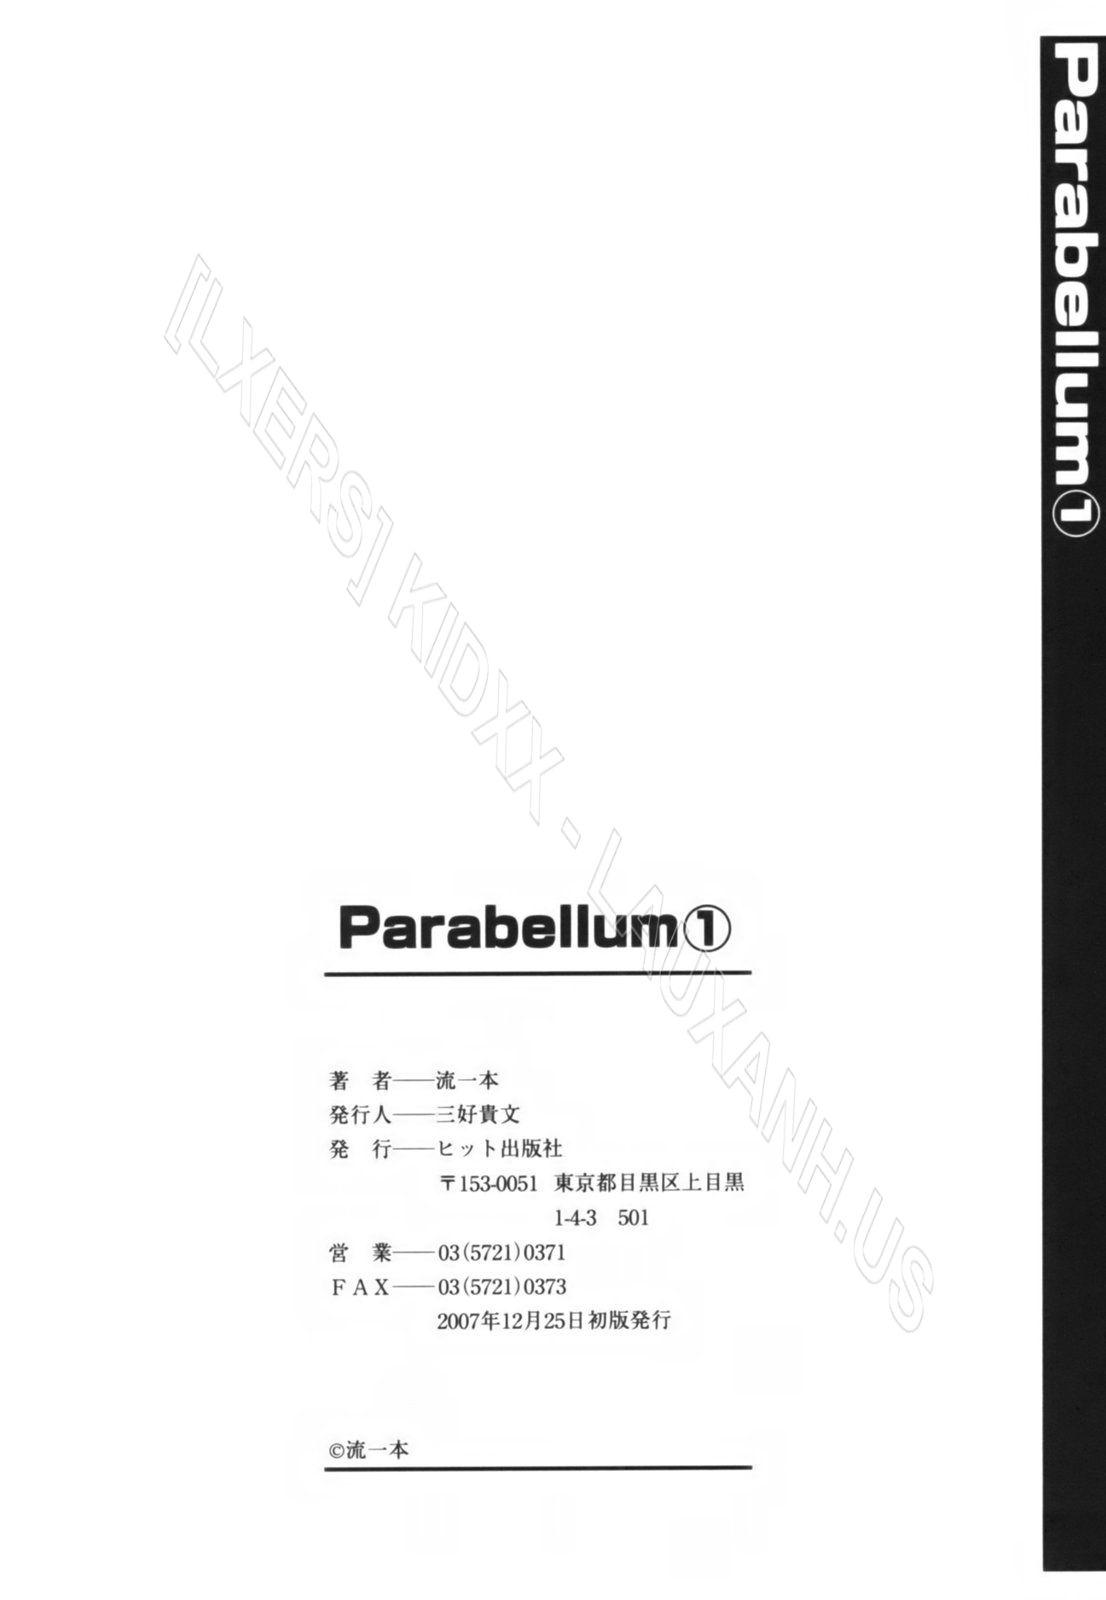 Hình ảnh Hinh_030 in Truyện tranh hentai không che: Parabellum